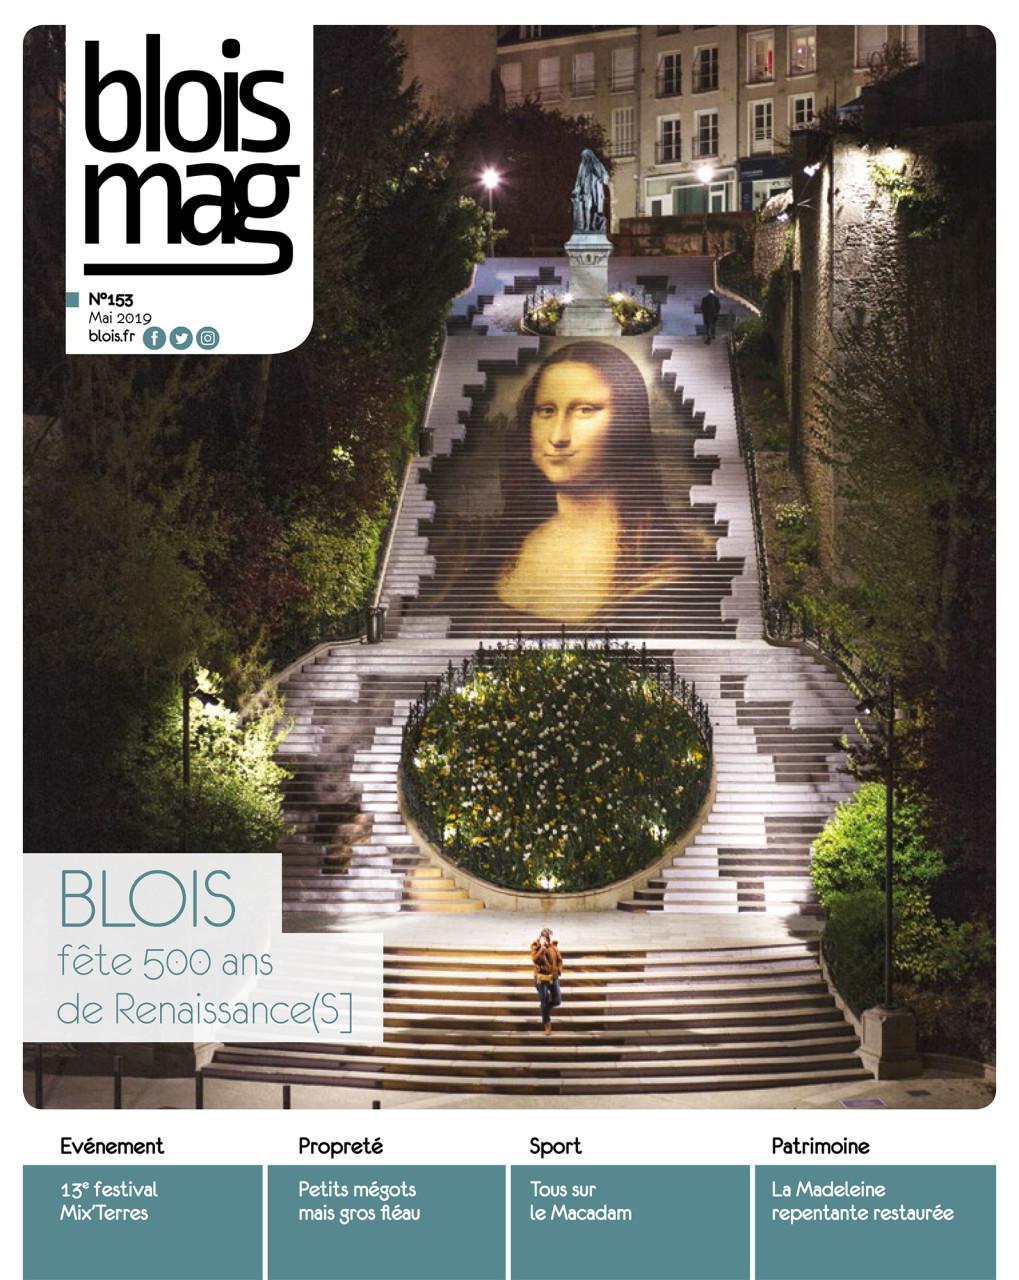 Parution en Une dans Blois Mag de mai 2019 : Photo des escaliers © Ville de Blois - Nicolas Wietrich